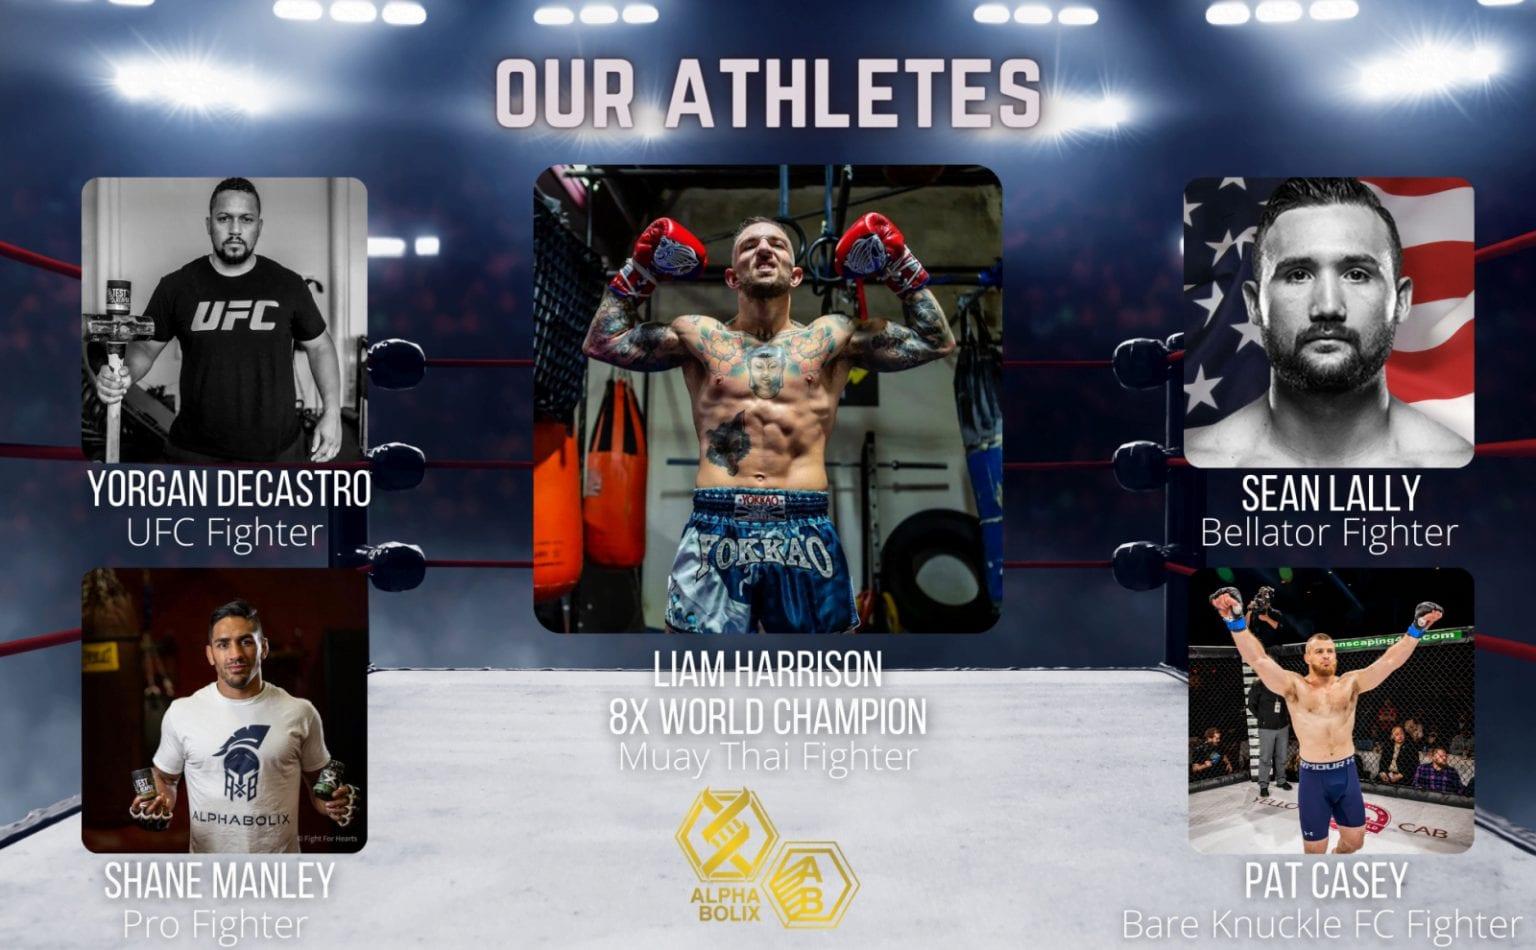 alphabolix athletes